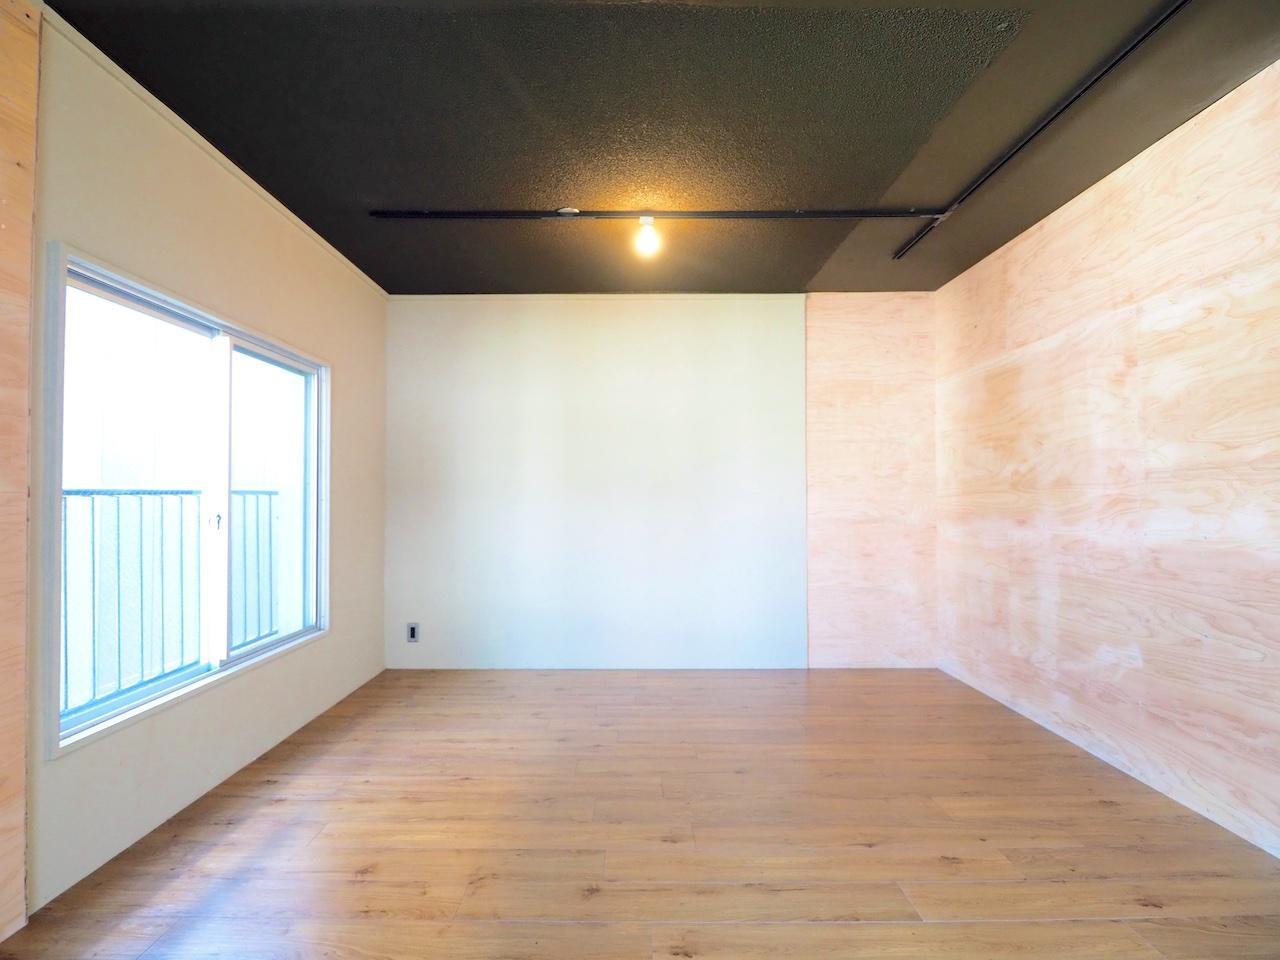 黒い天井が空間を引き締めいい感じに。